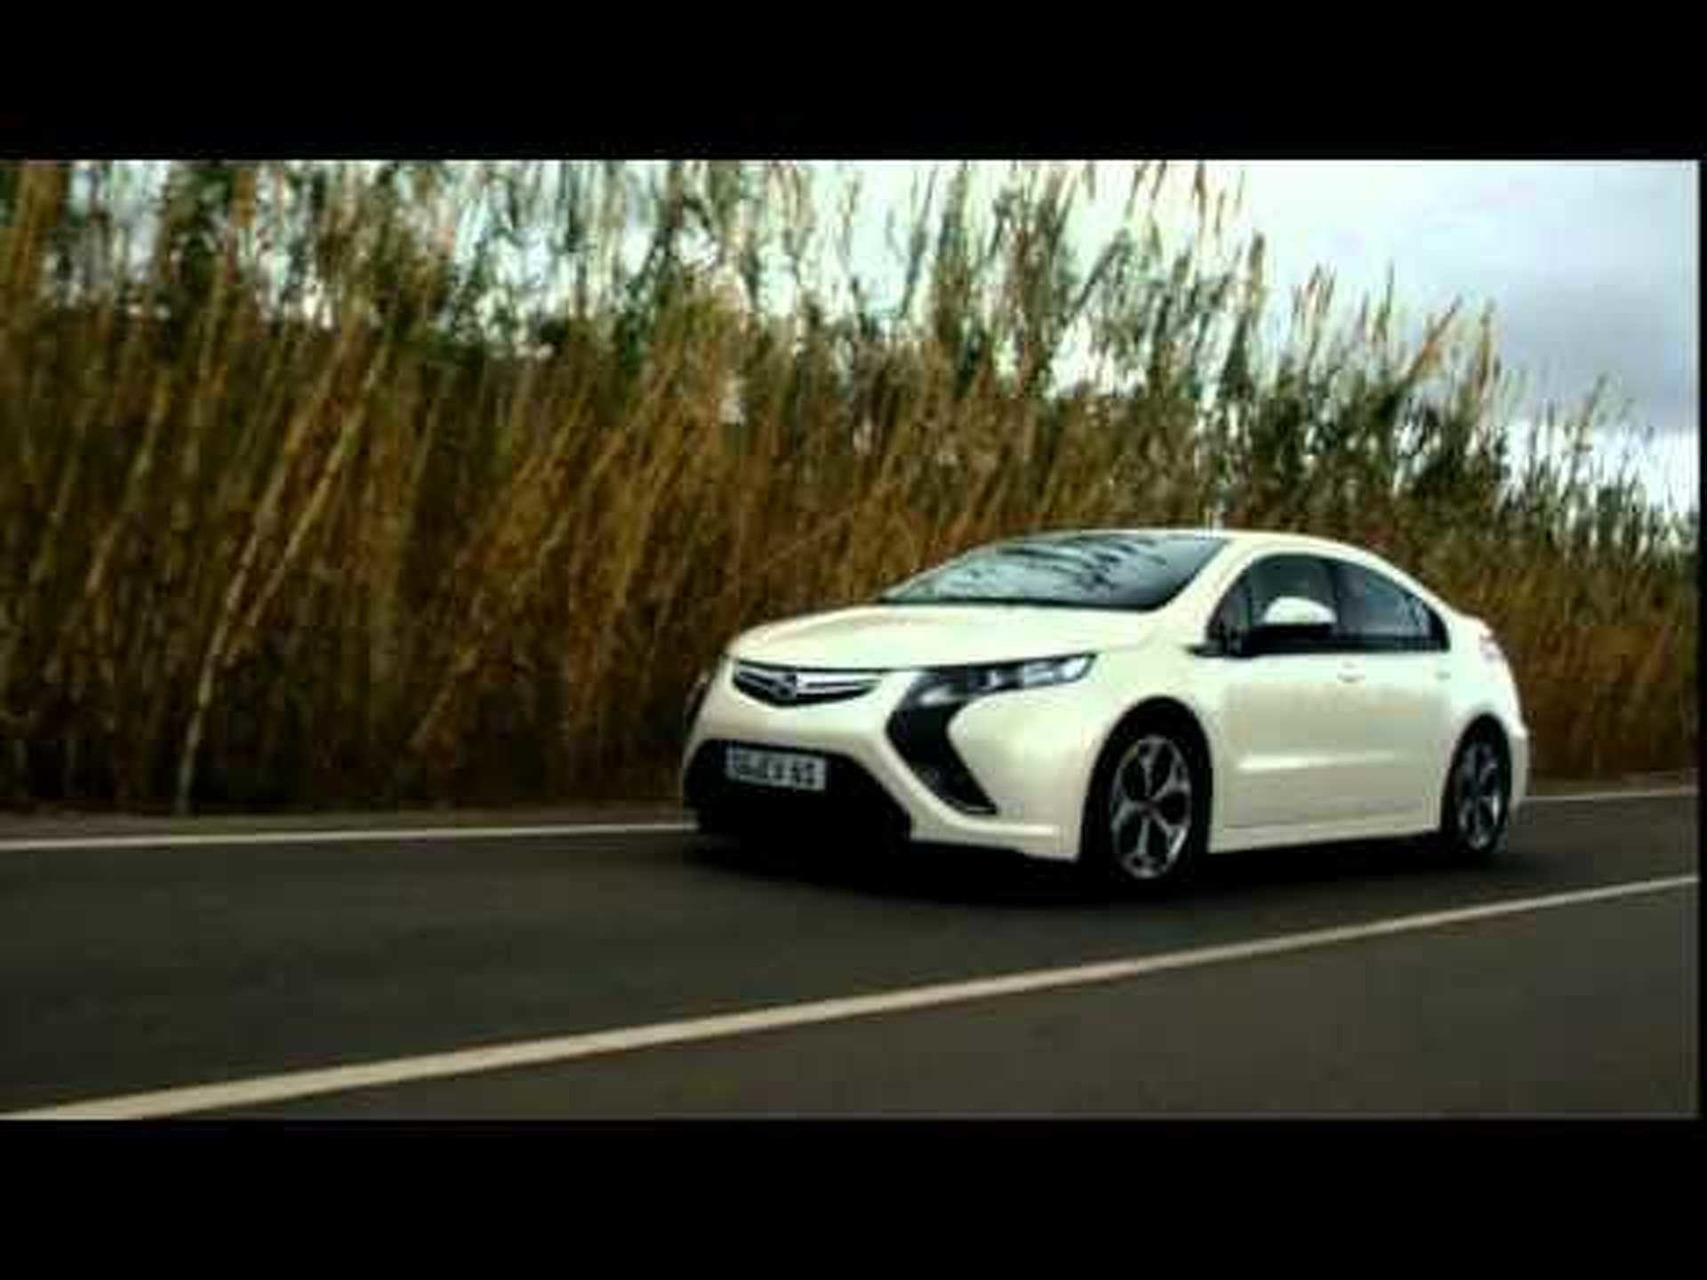 Opel Ampera Footage Part 2 of 2